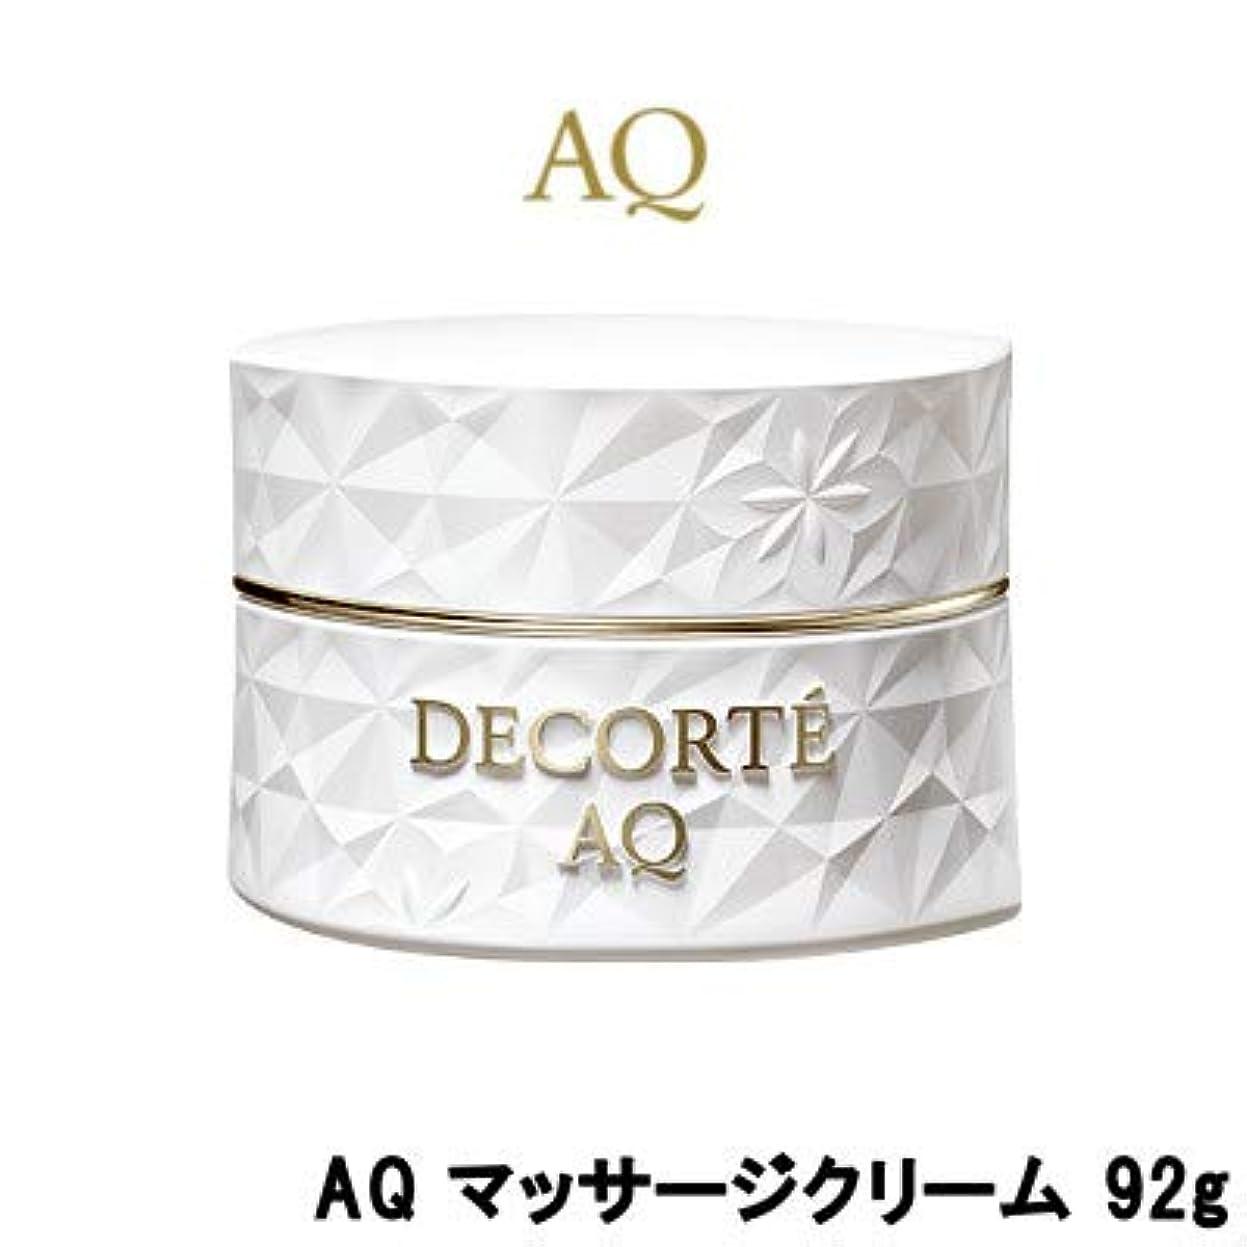 ゼリー中毒ドロップコスメデコルテ AQ マッサージクリーム(92g)